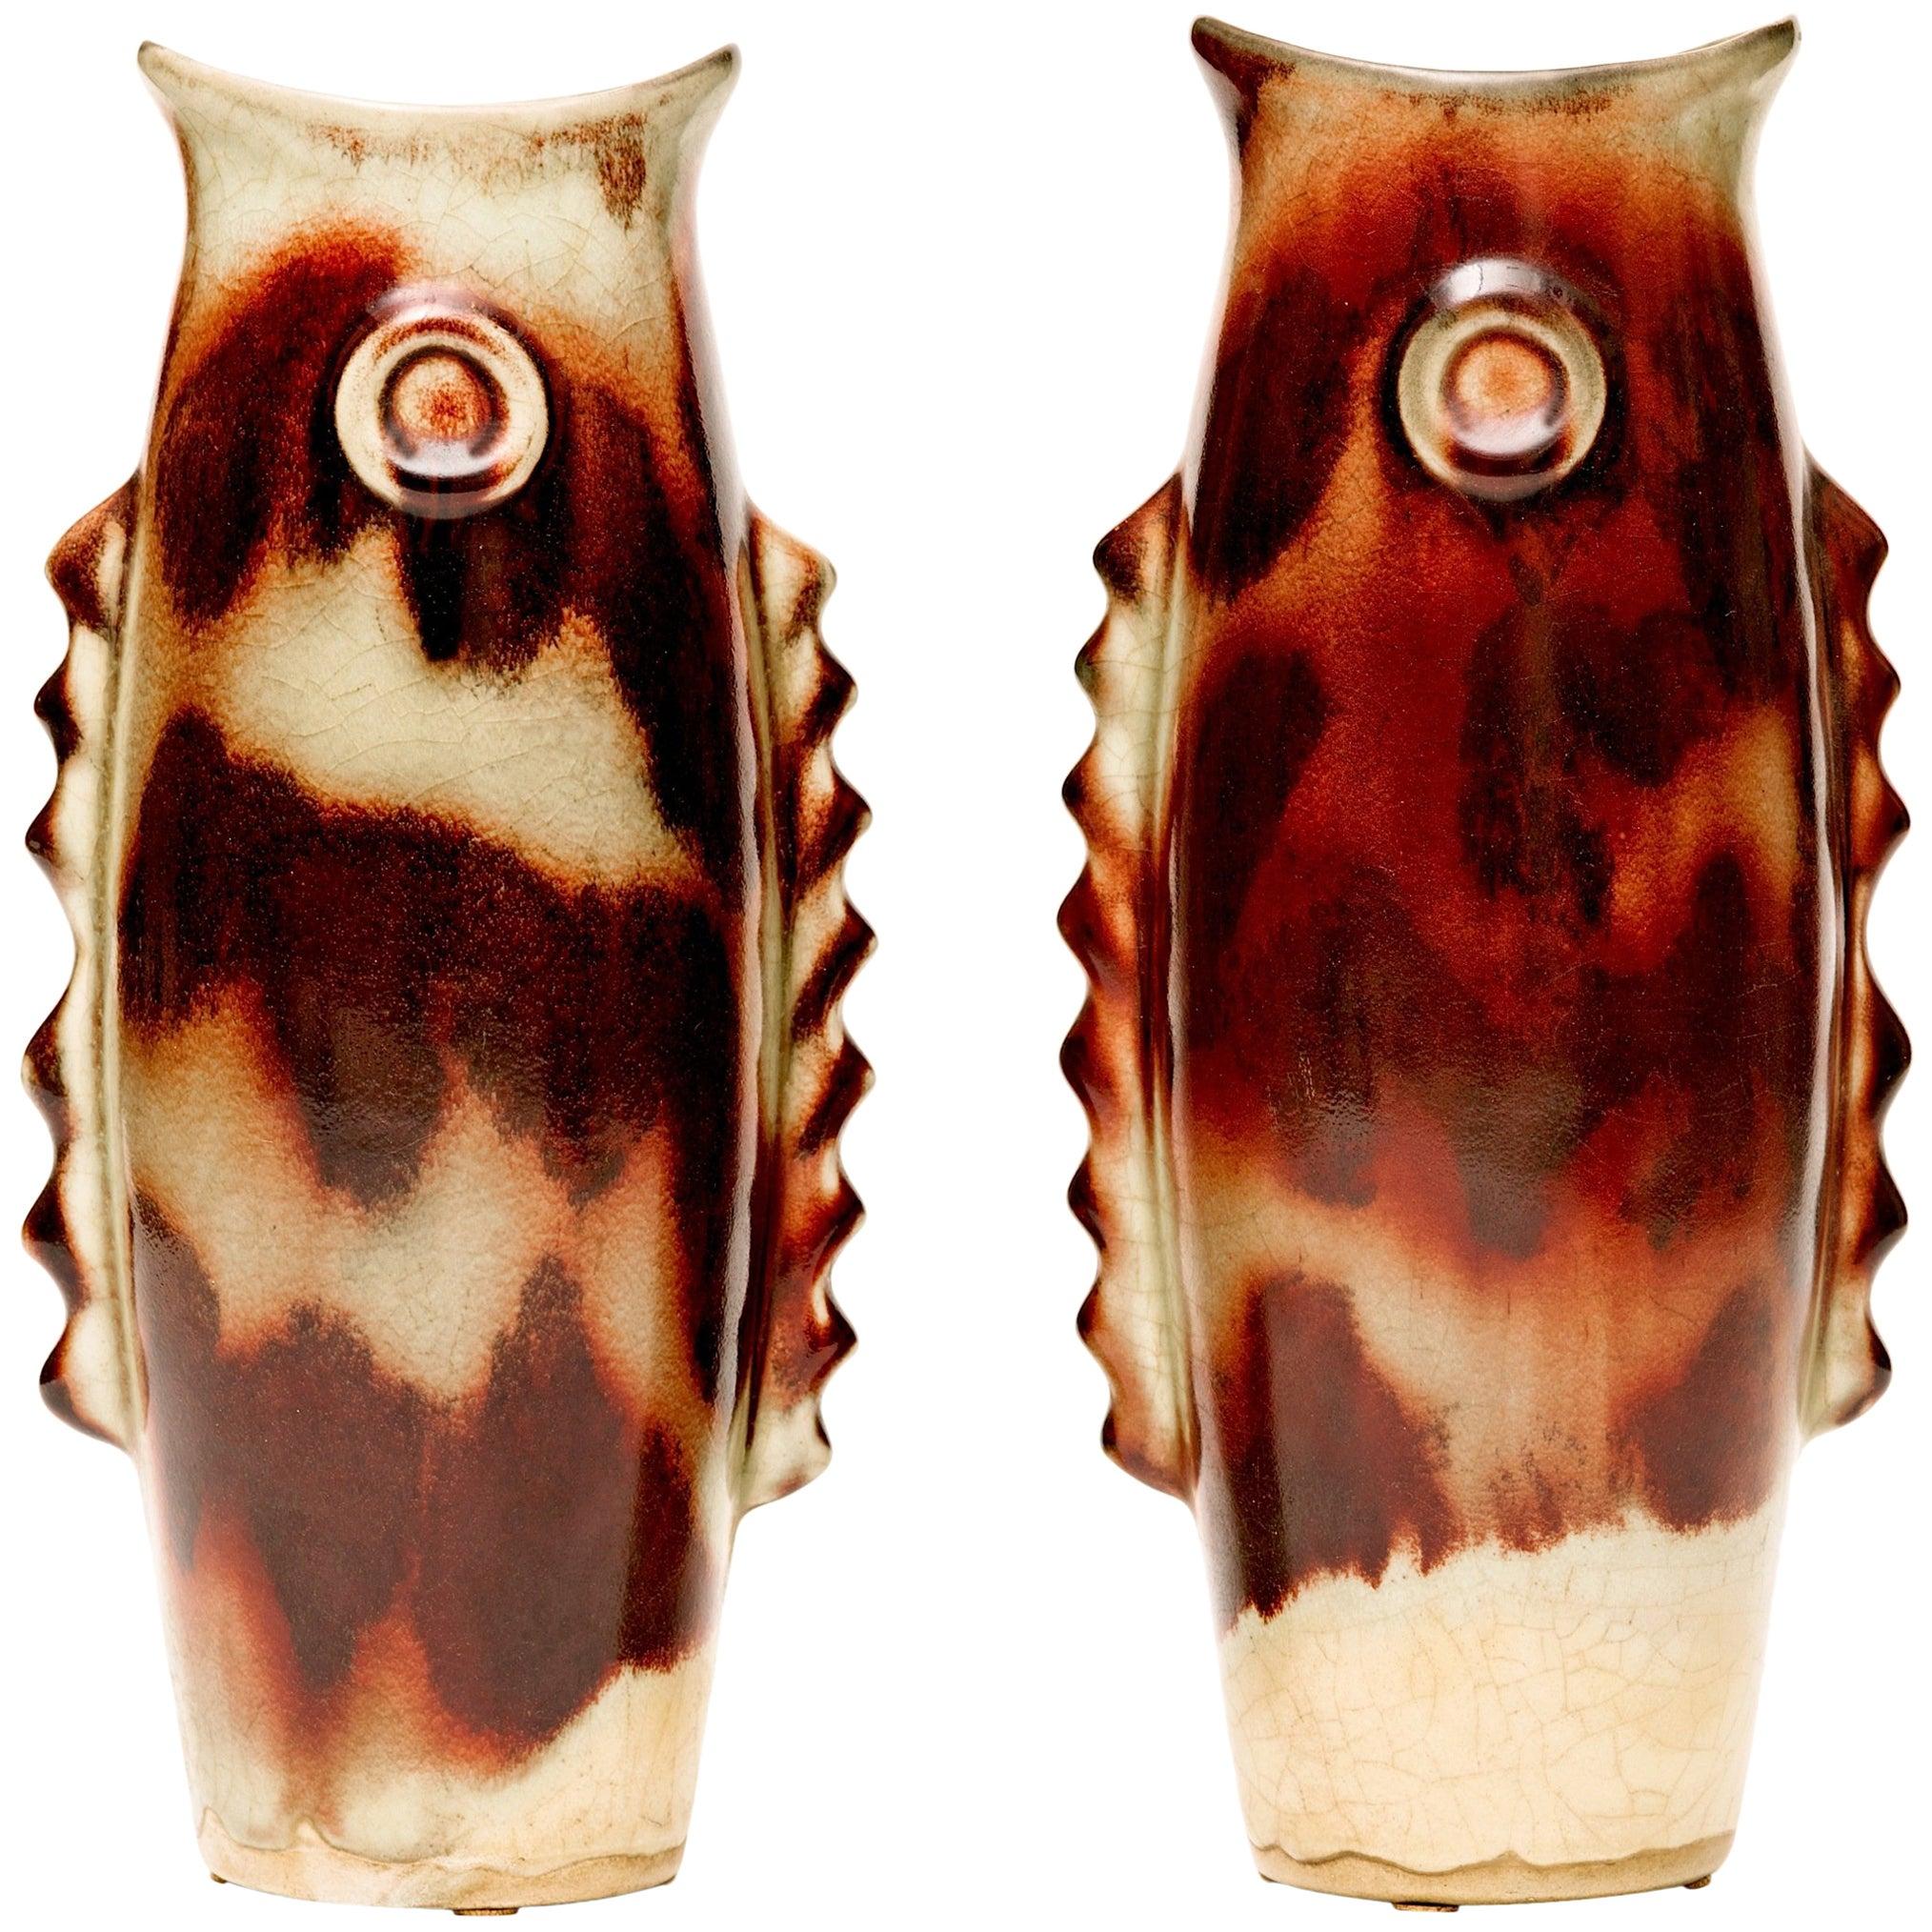 Art Deco Ceramic Fish Vases or Sculptures